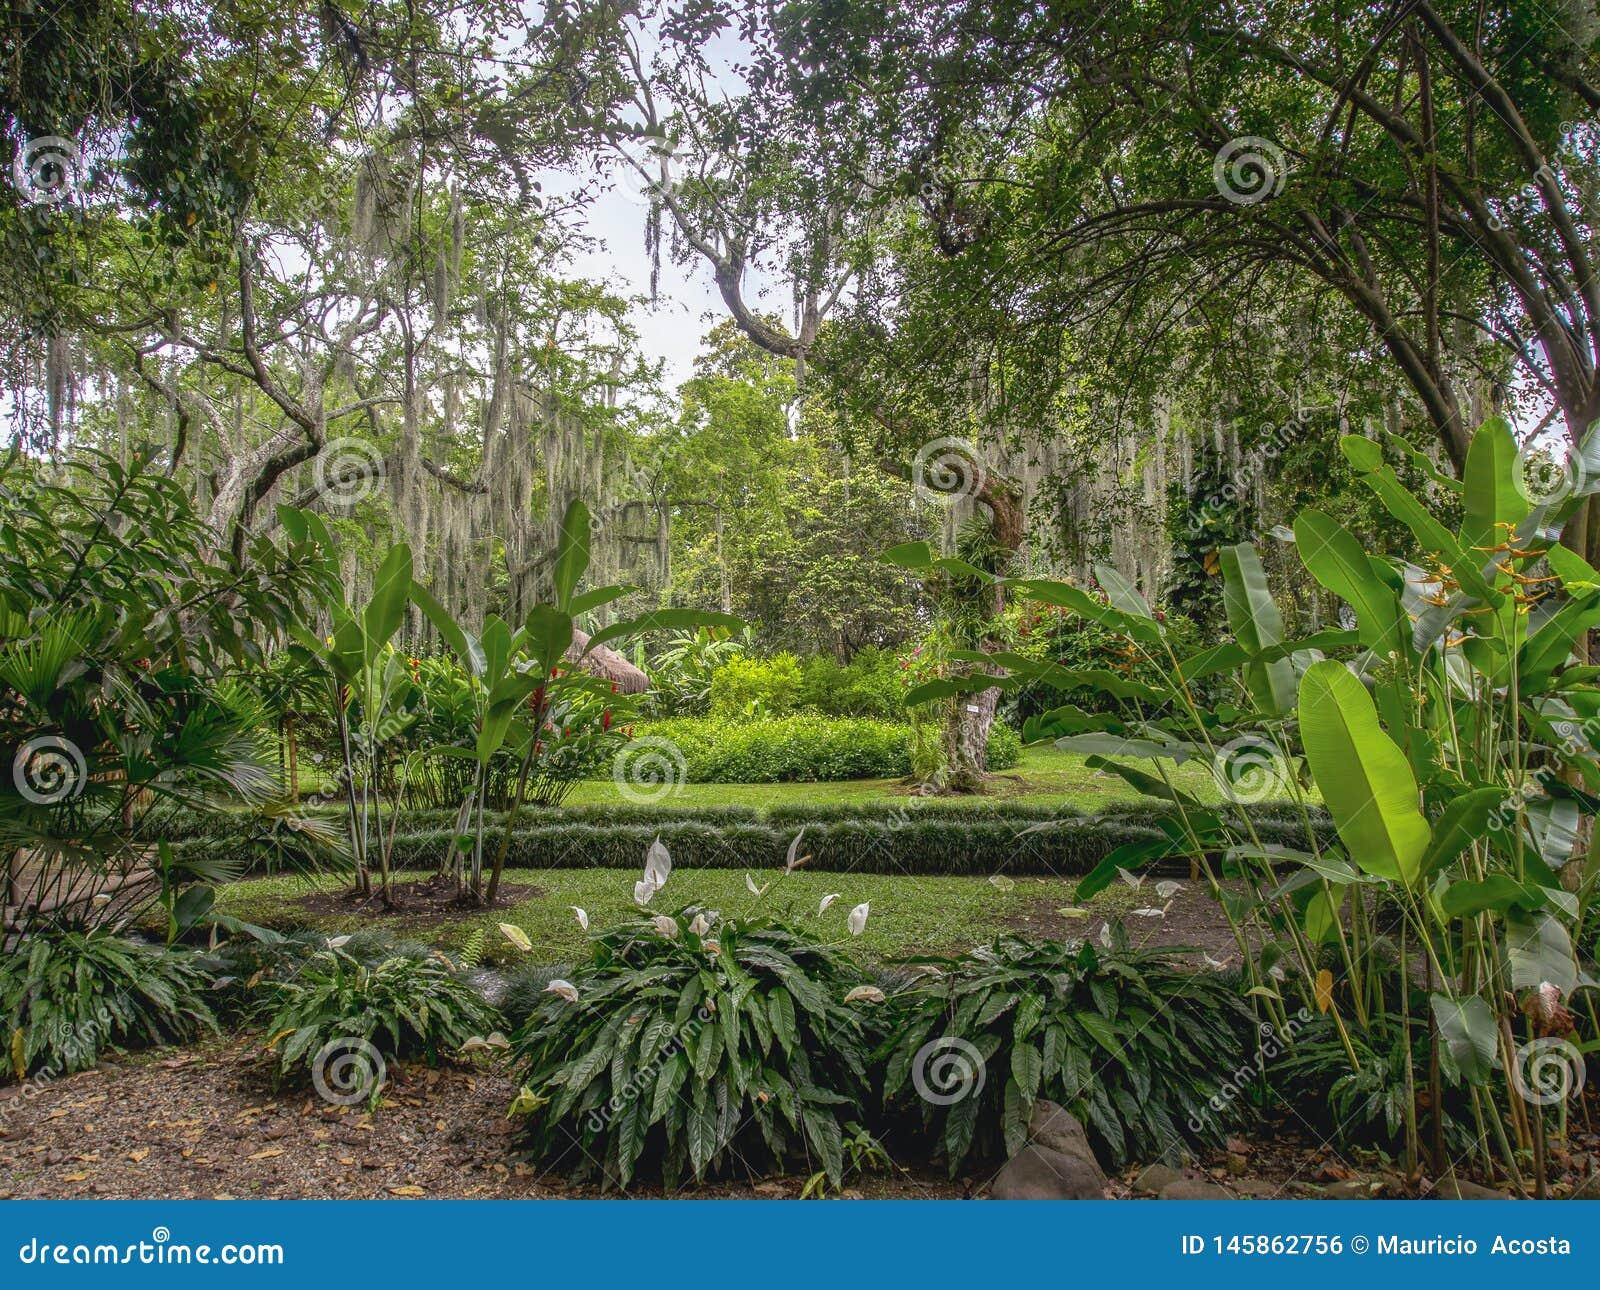 Tropische tuin typisch van het warme klimaat